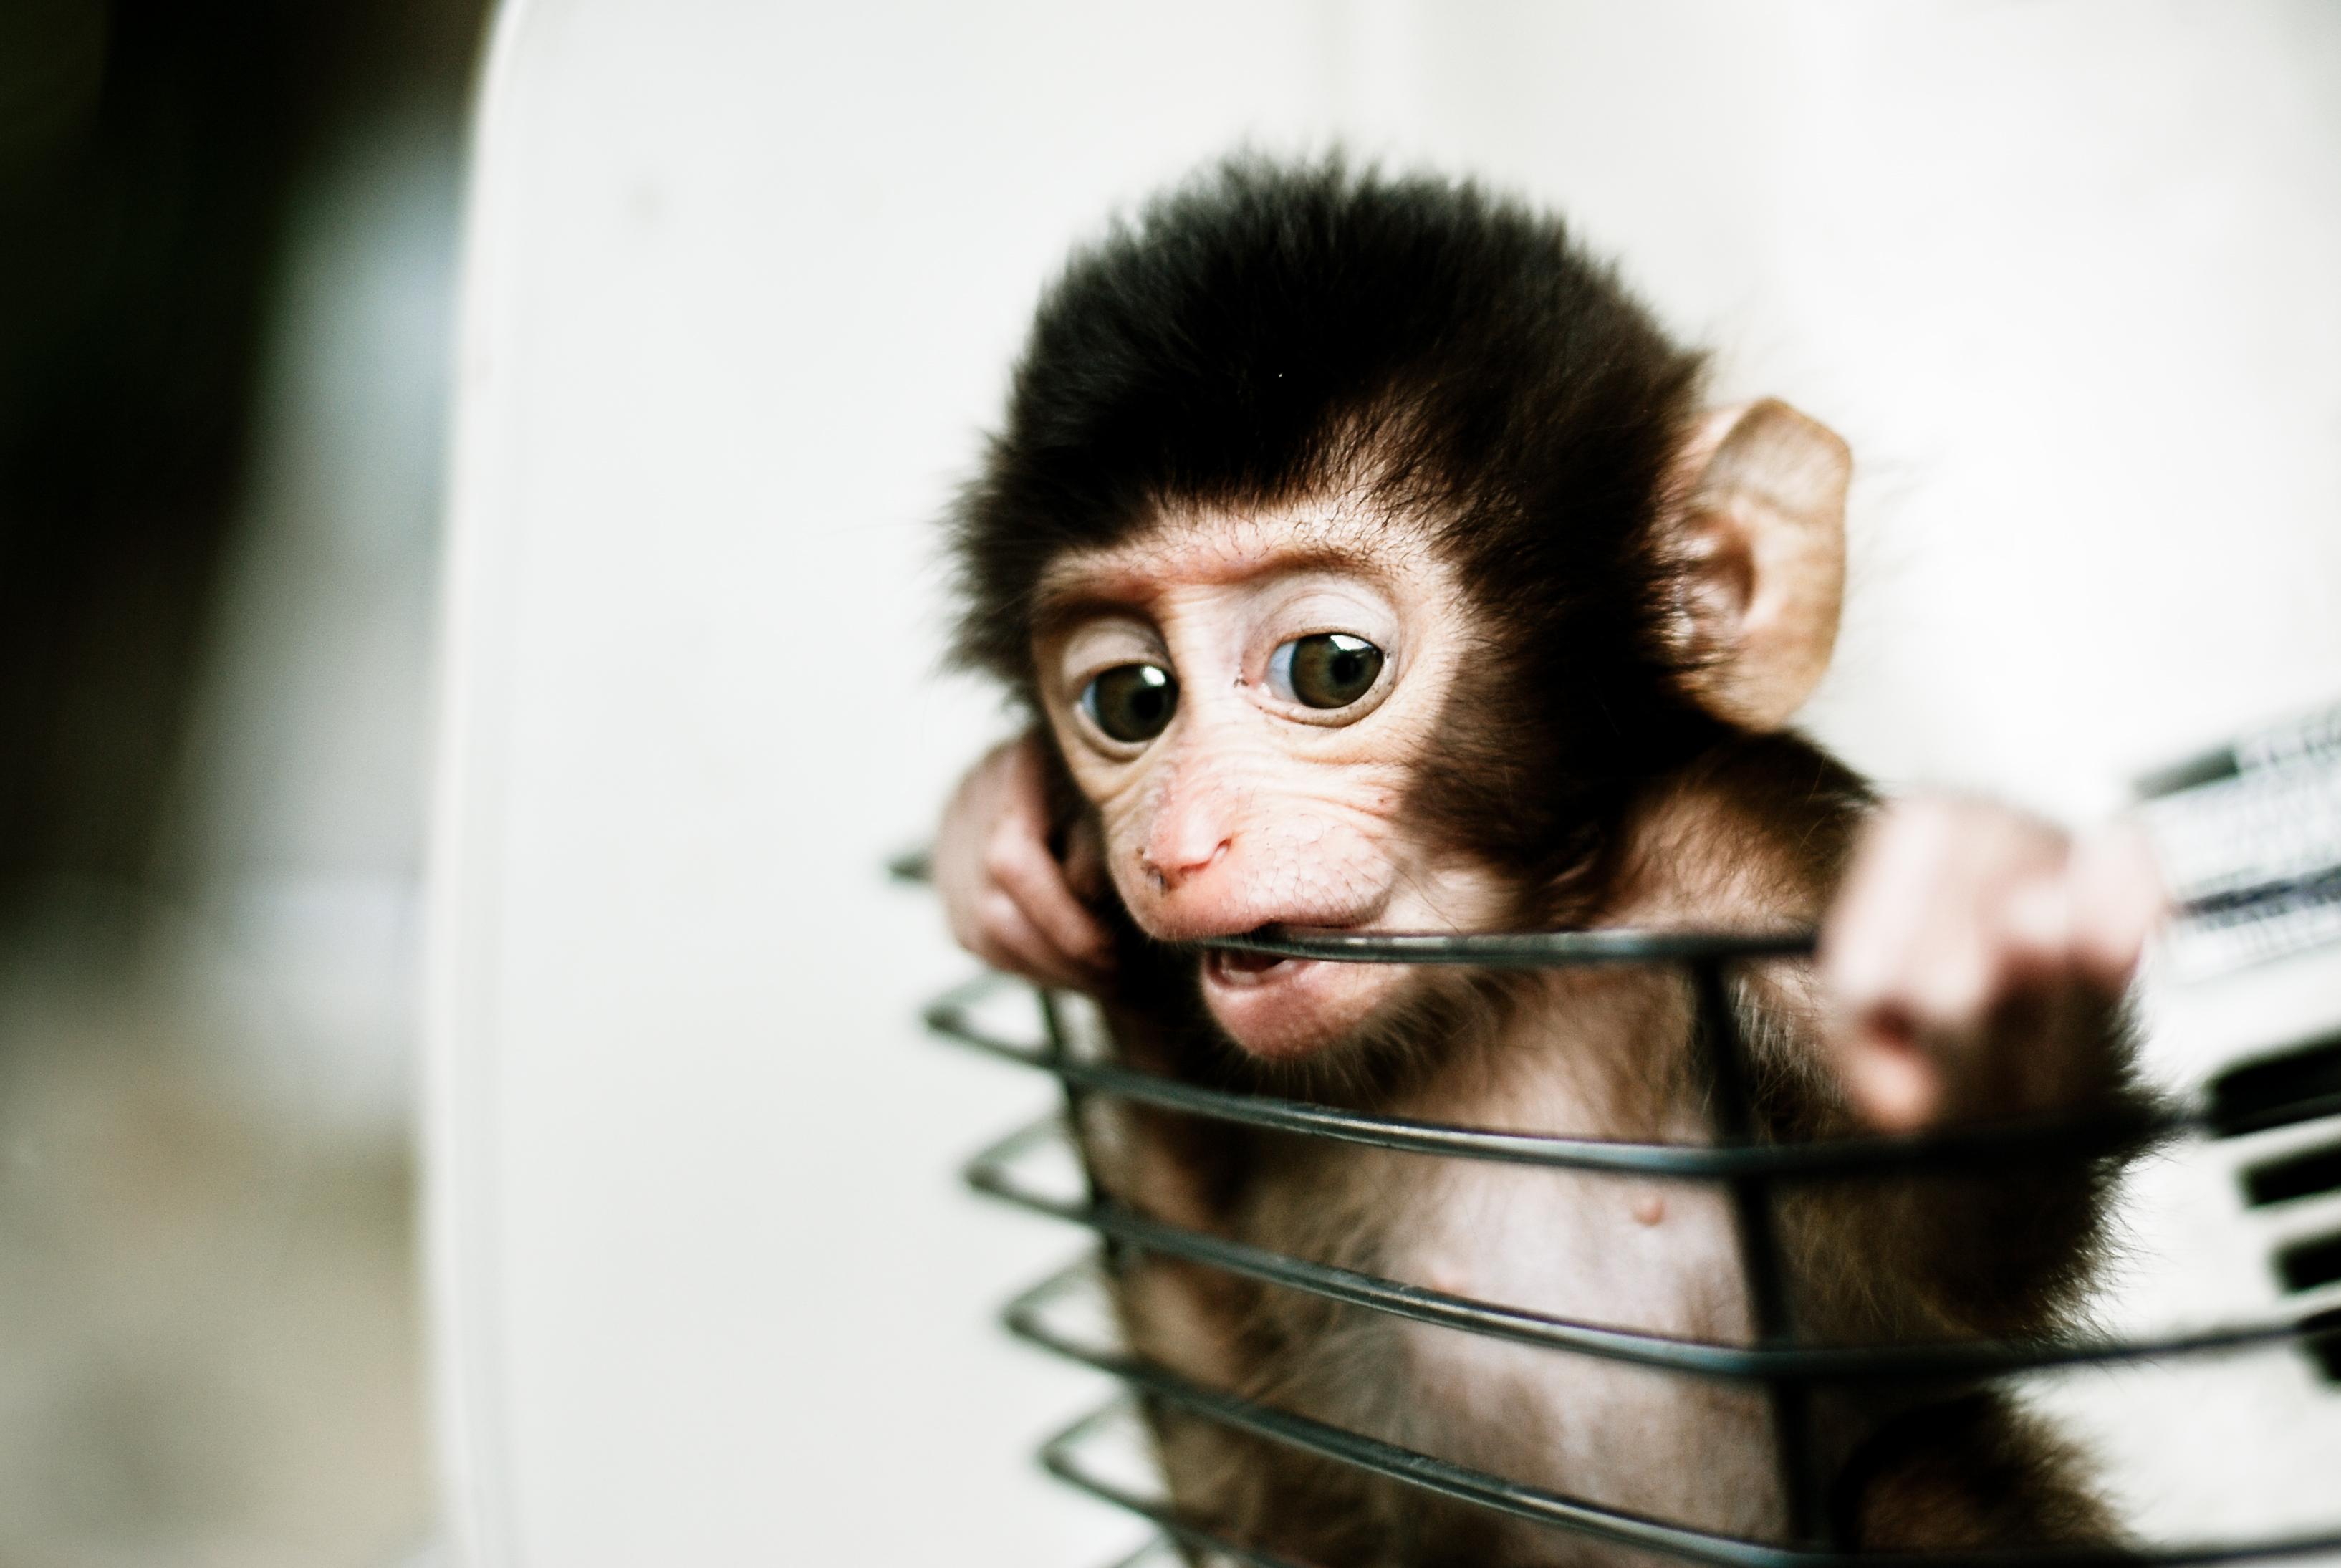 In Cina è stata creata la prima chimera uomo-scimmia - VICE